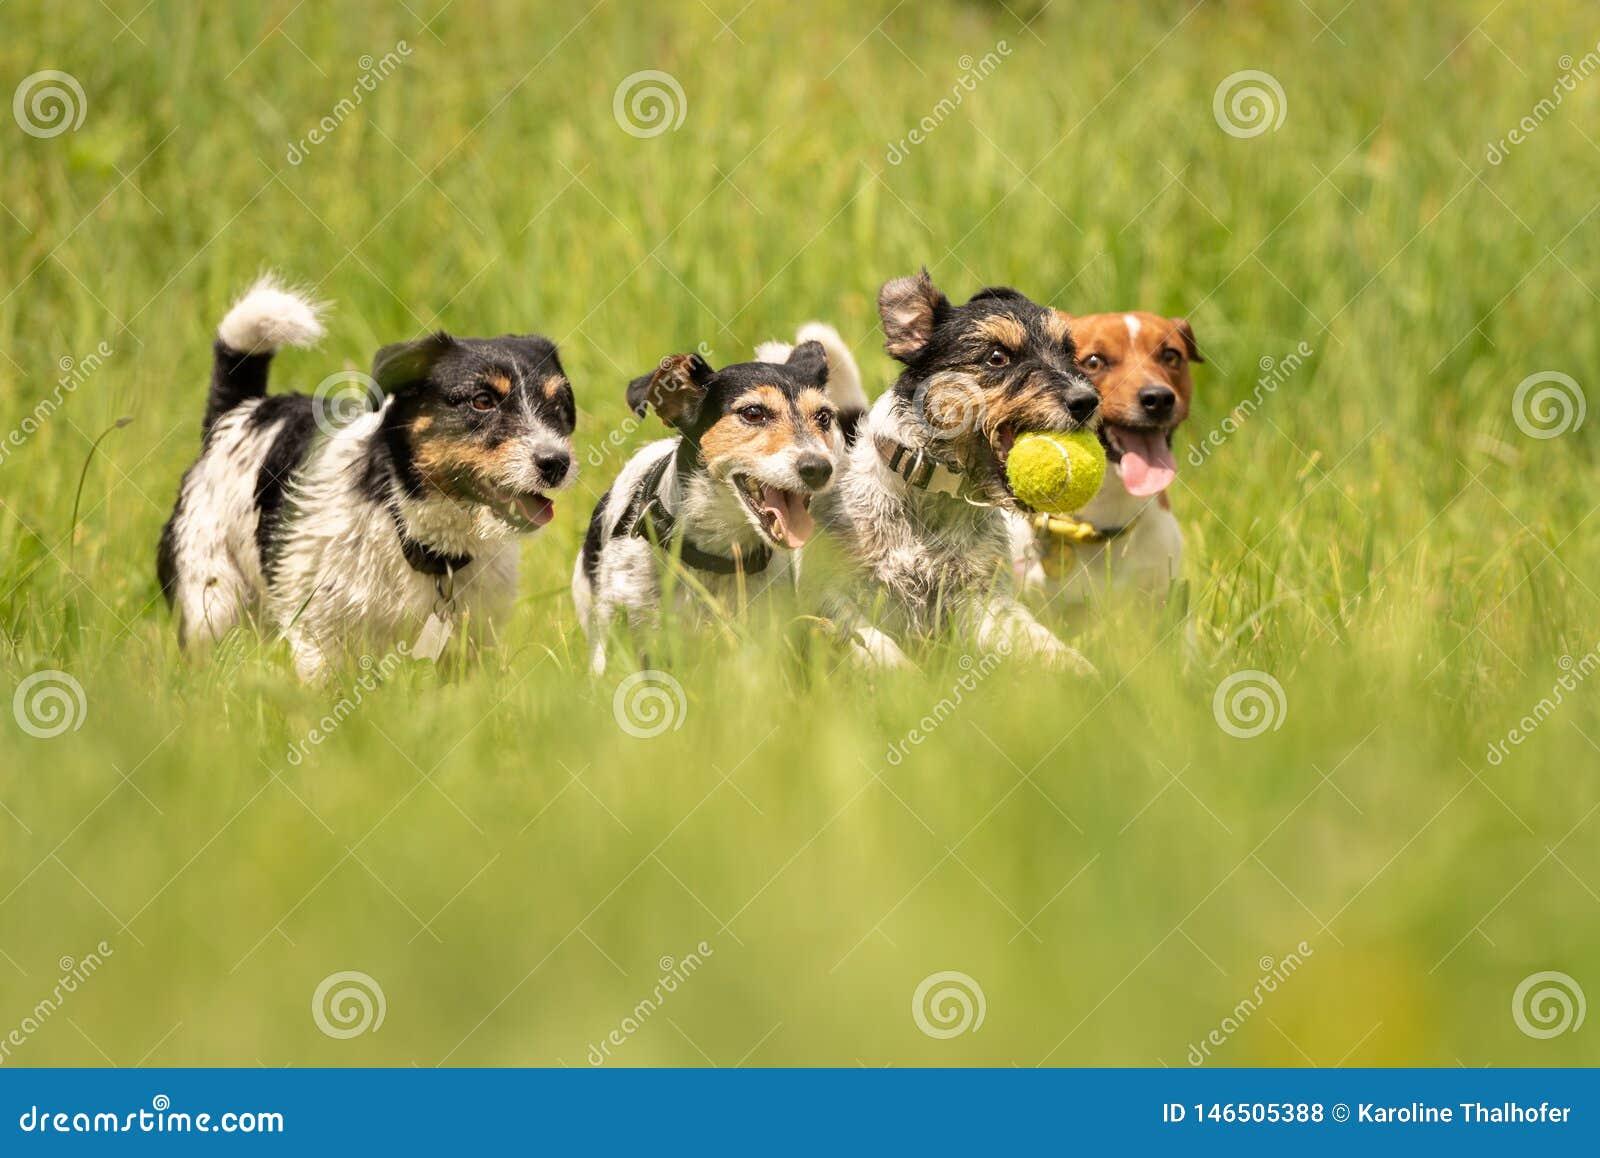 Ein Satz von Jack Russell Terrier laufend und auf einer Wiese spielend